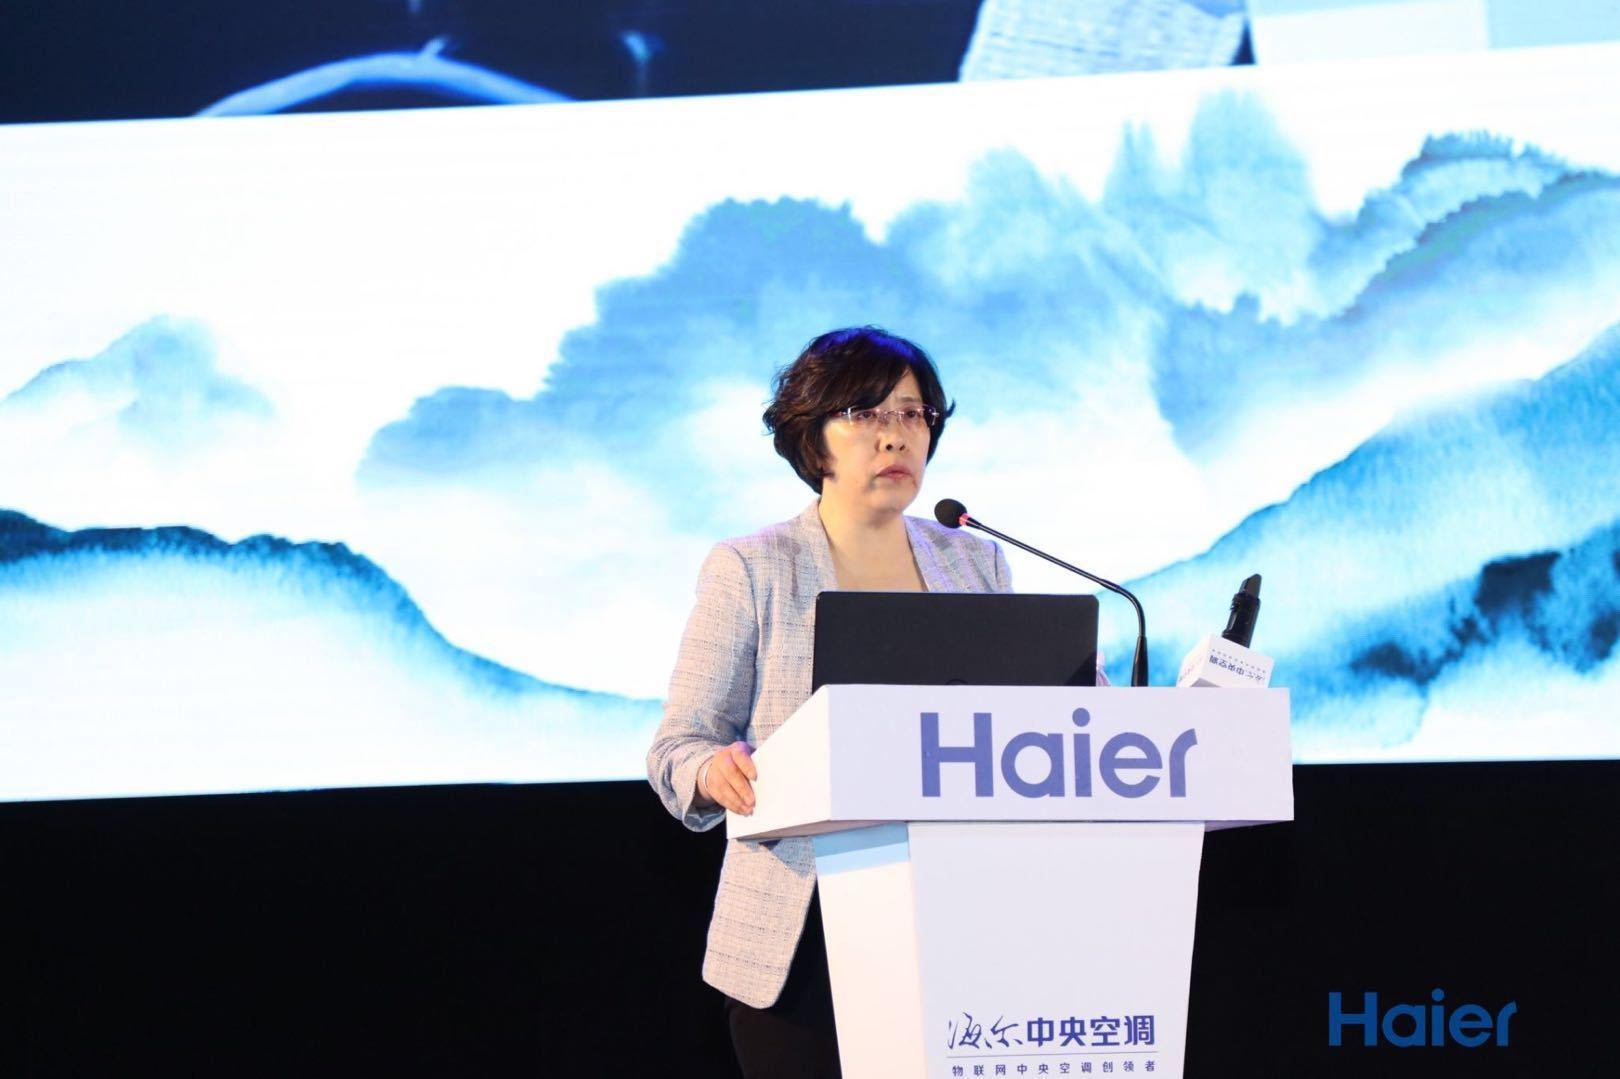 海尔发布E+云服务平台开启物联网中央空调时代战略新引擎